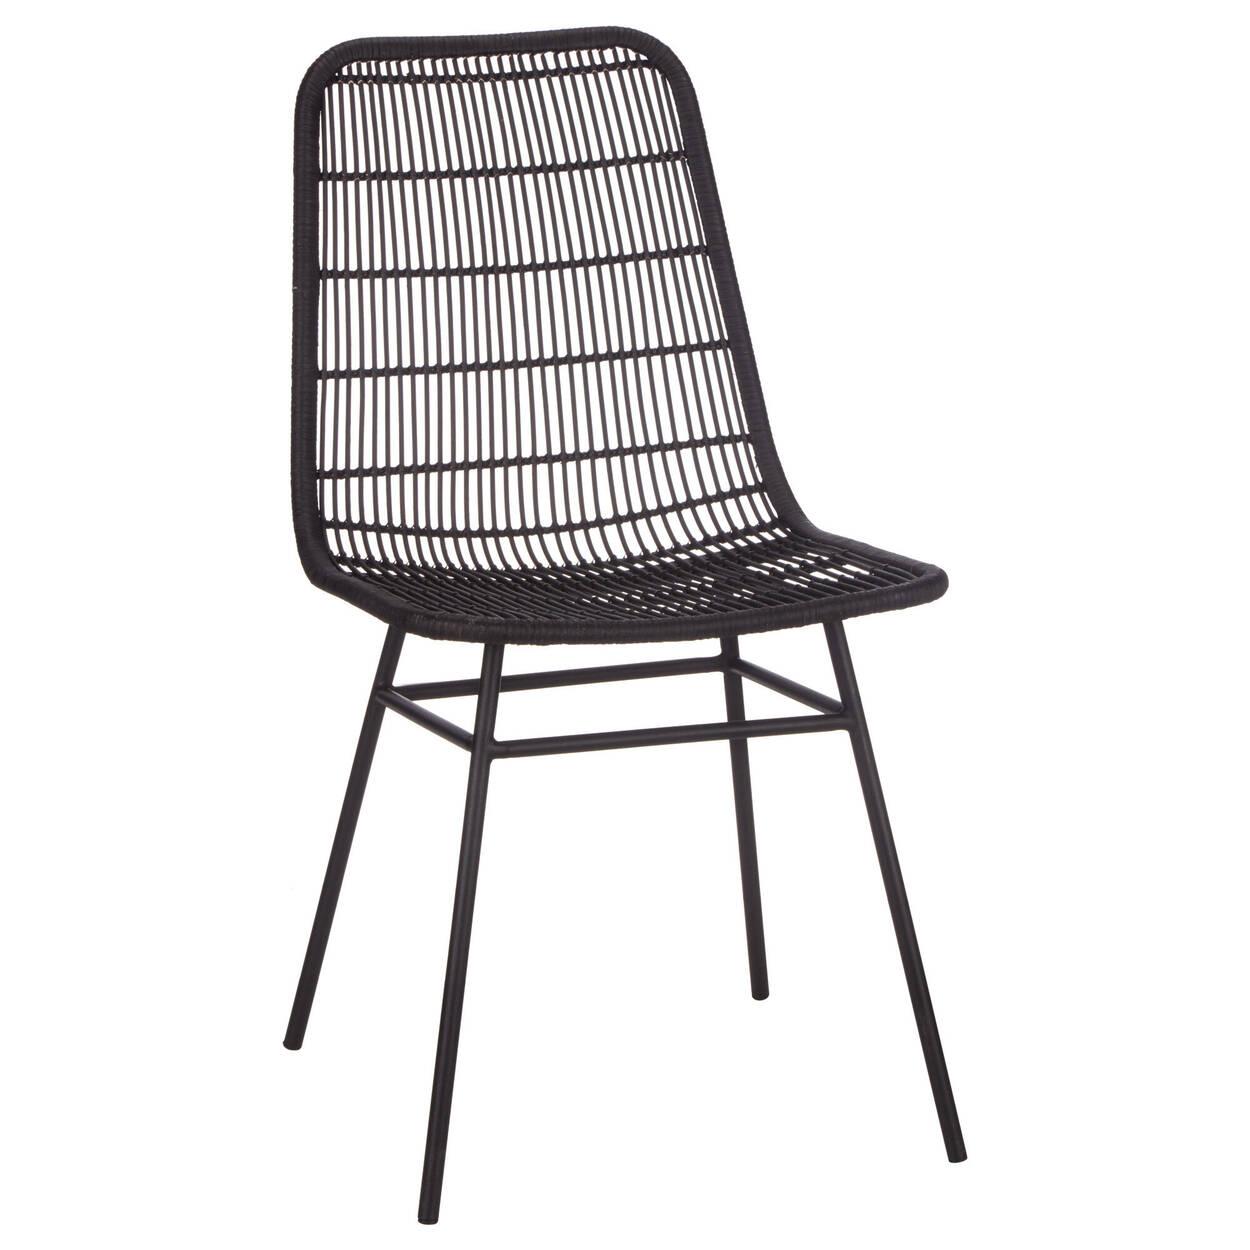 Chaise de salle à manger en rotin et métal